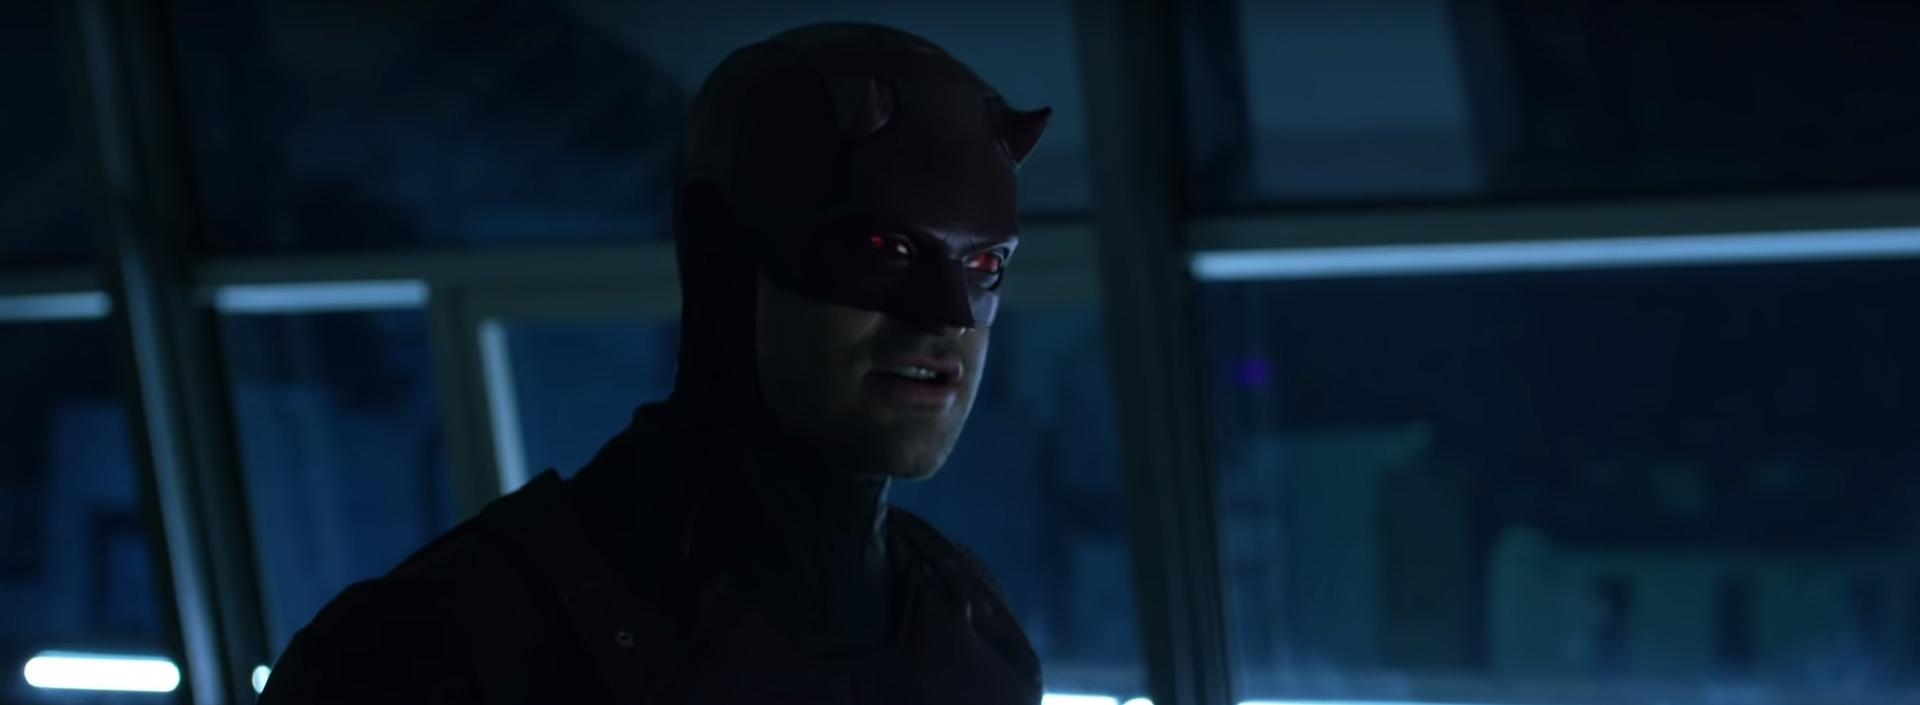 Daredevil. Image Credit: Marvel/Netflix.